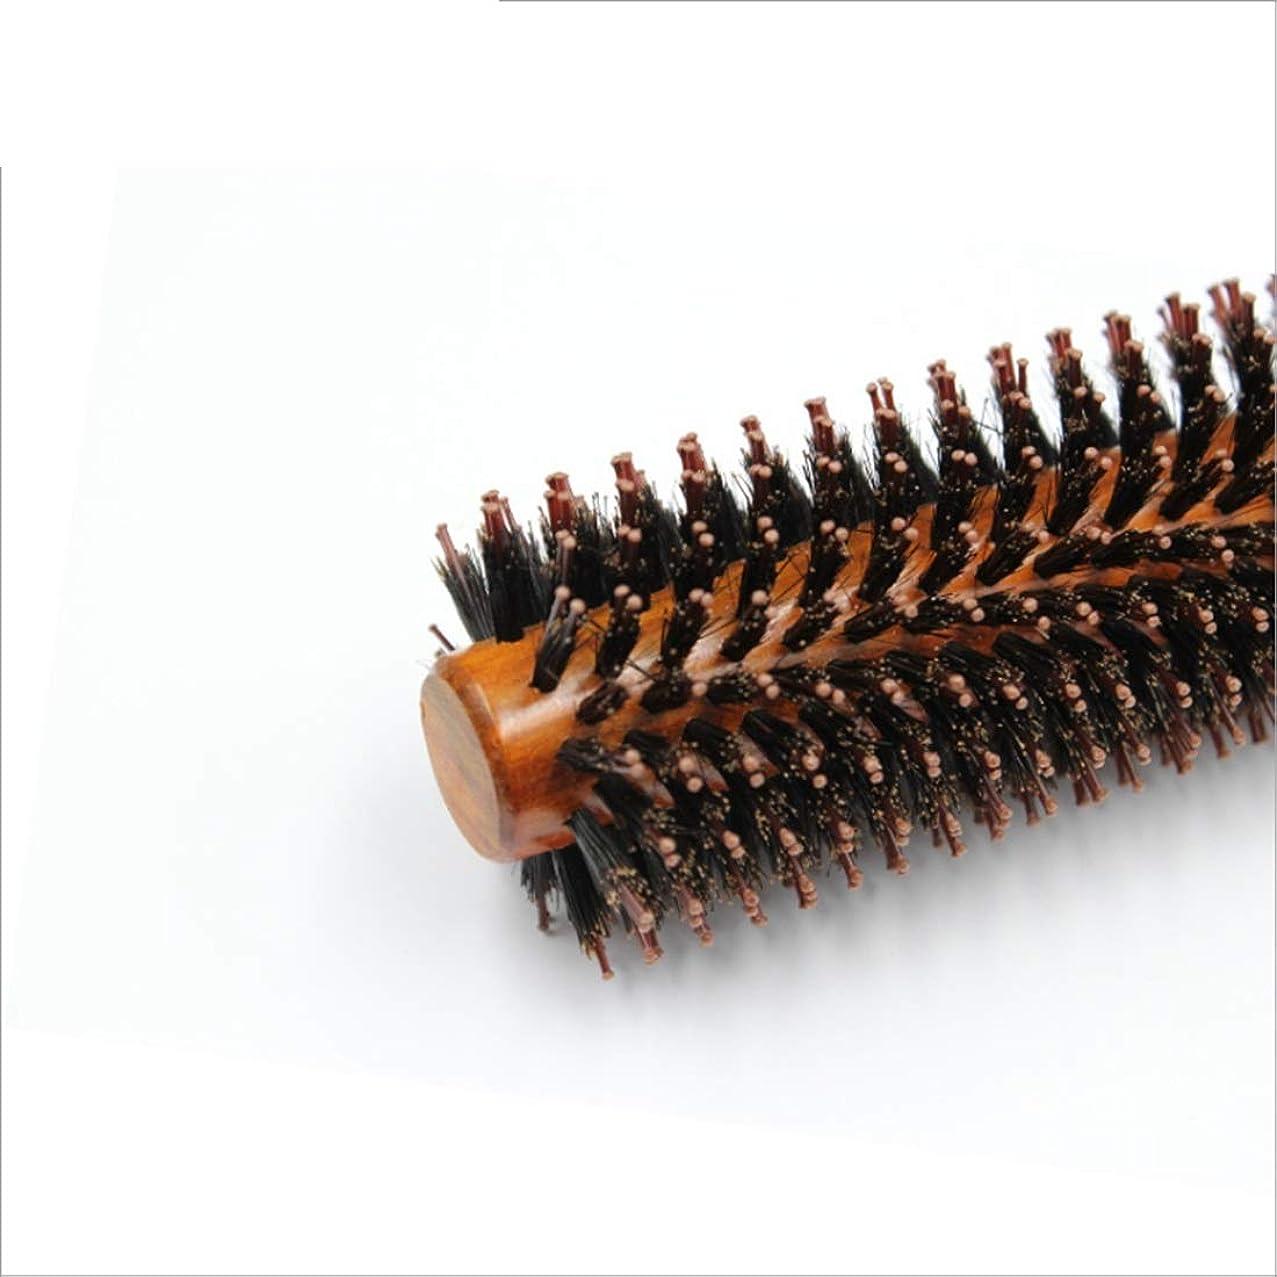 バスタブ西錫ラウンドバレルヘアブラシ - ブリストルヘアカール&ストレートコームブロー乾燥、カーリング&ストレート、パーフェクトボリューム&シャイン長さ26cm用 (サイズ : L)